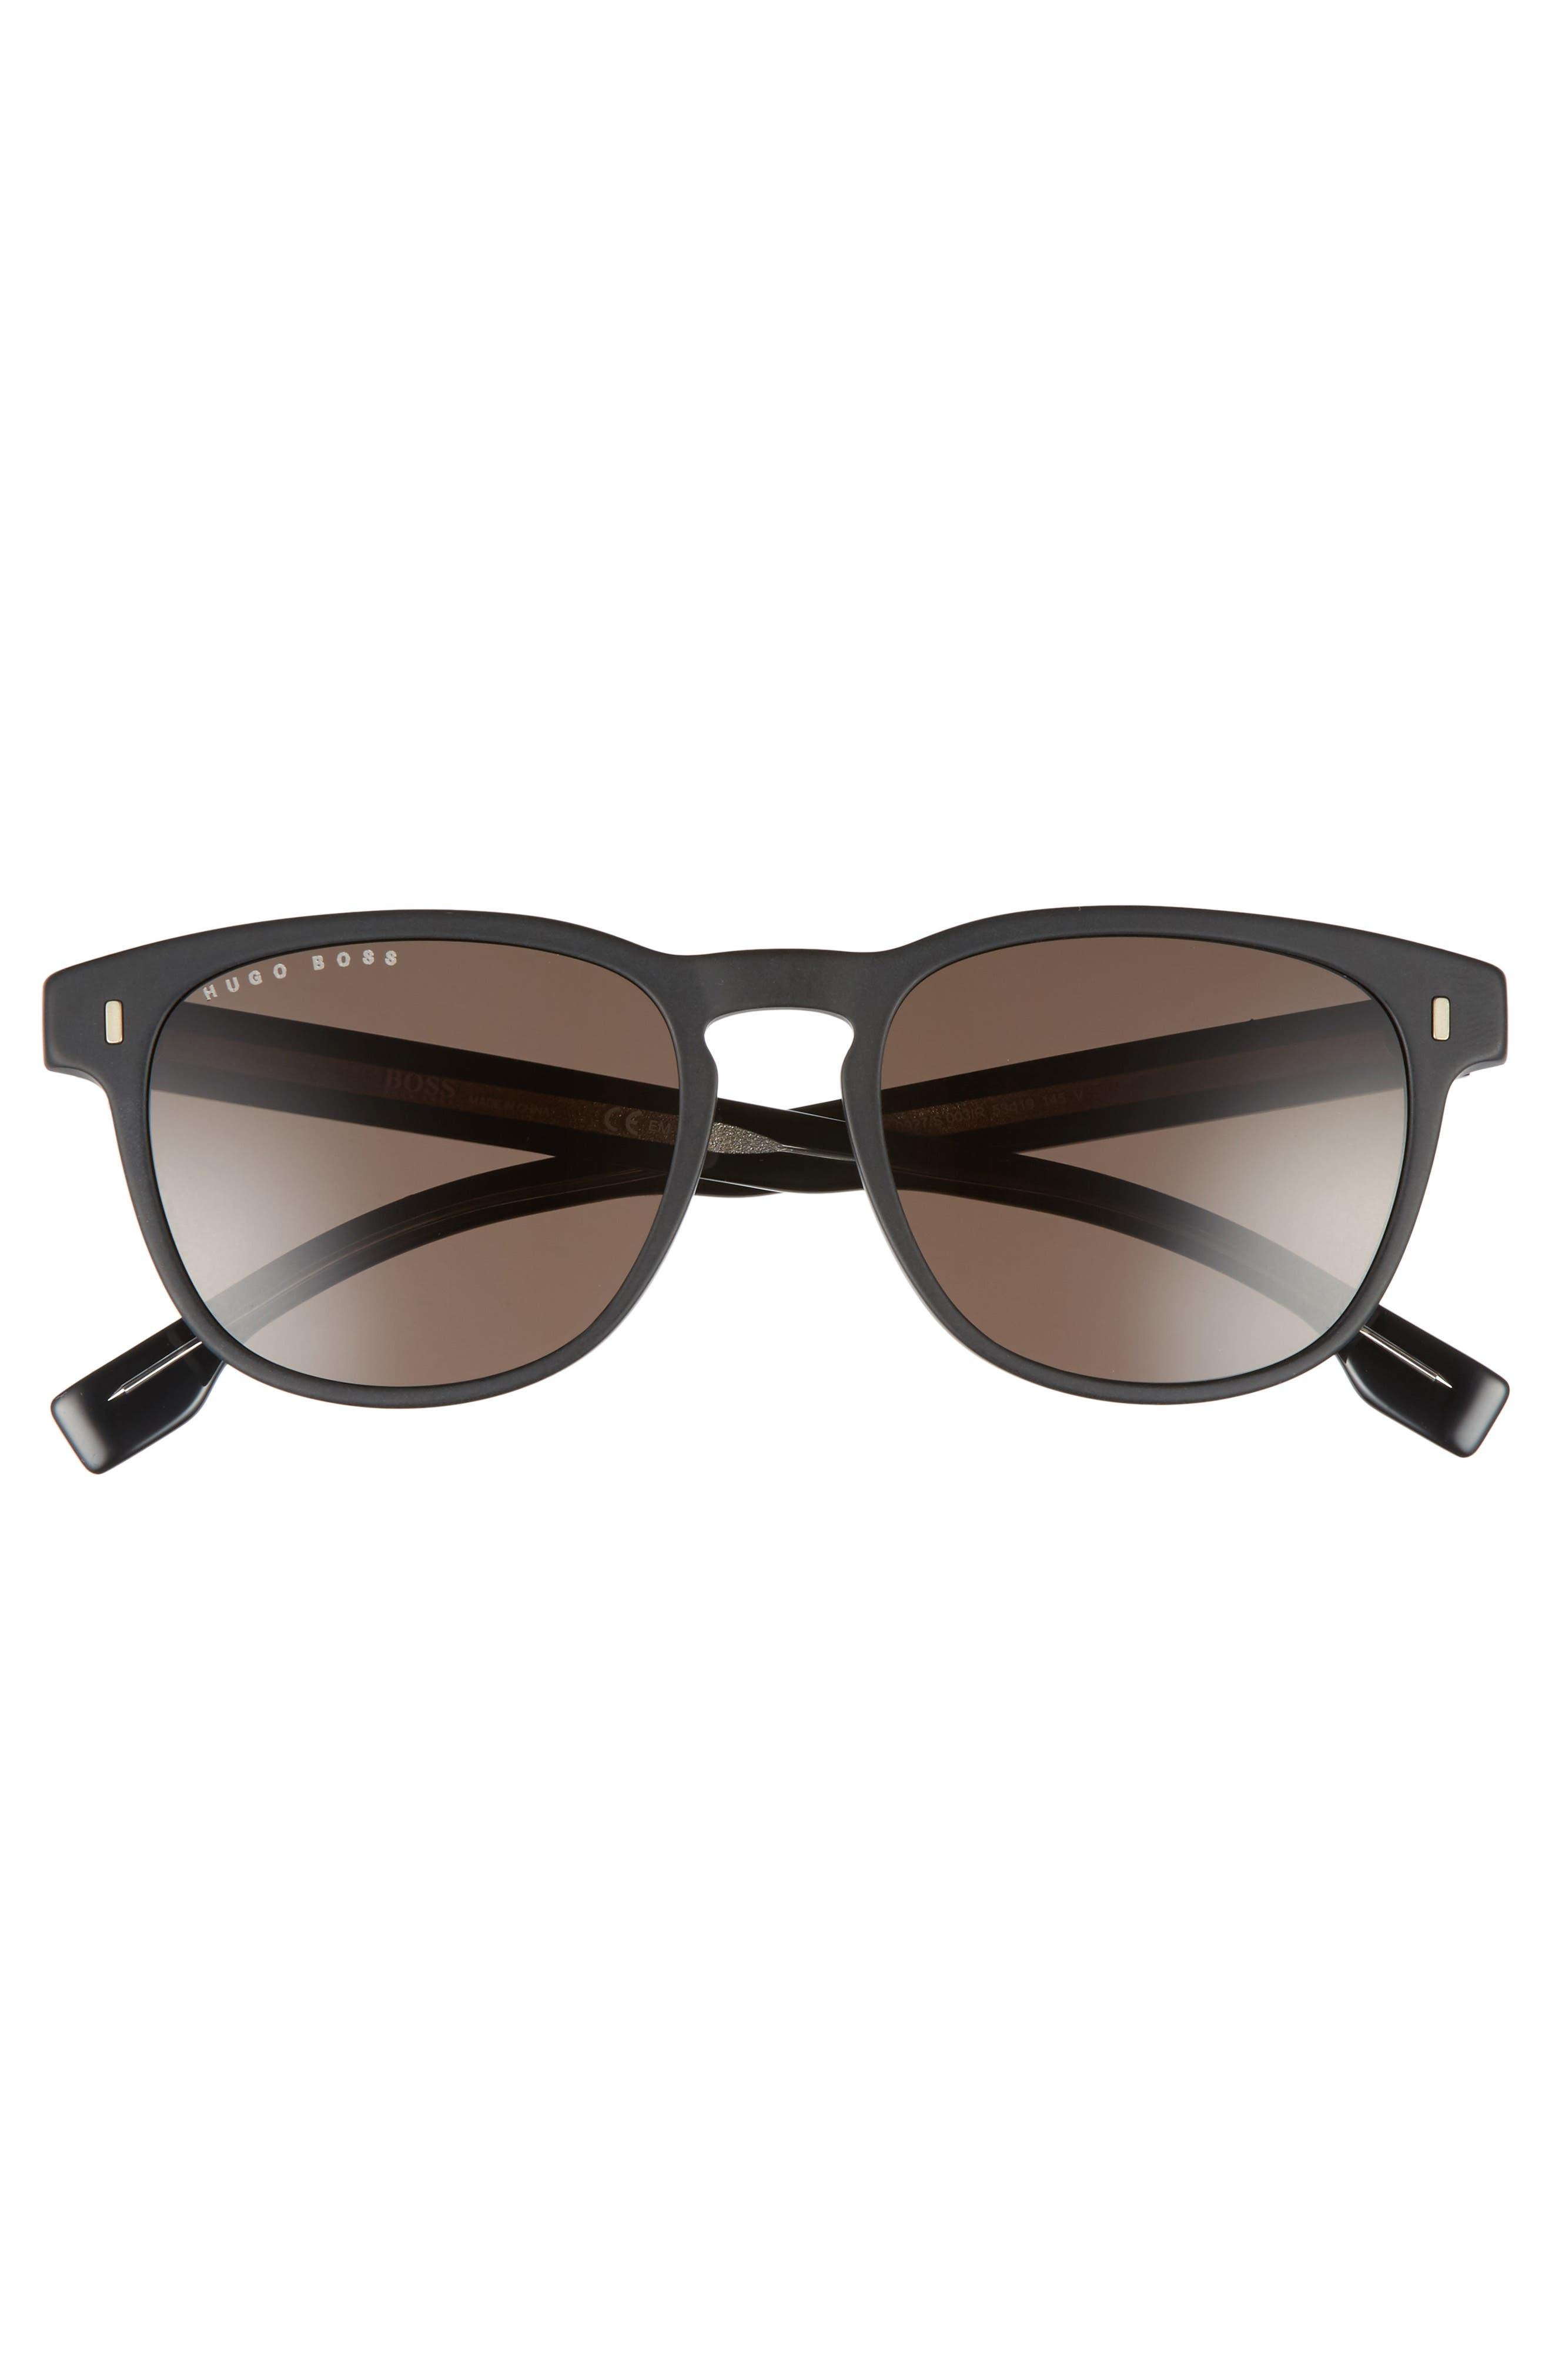 B0926S 49mm Polarized Sunglasses,                             Alternate thumbnail 2, color,                             MATTE BLACK/ GRAY BLUE